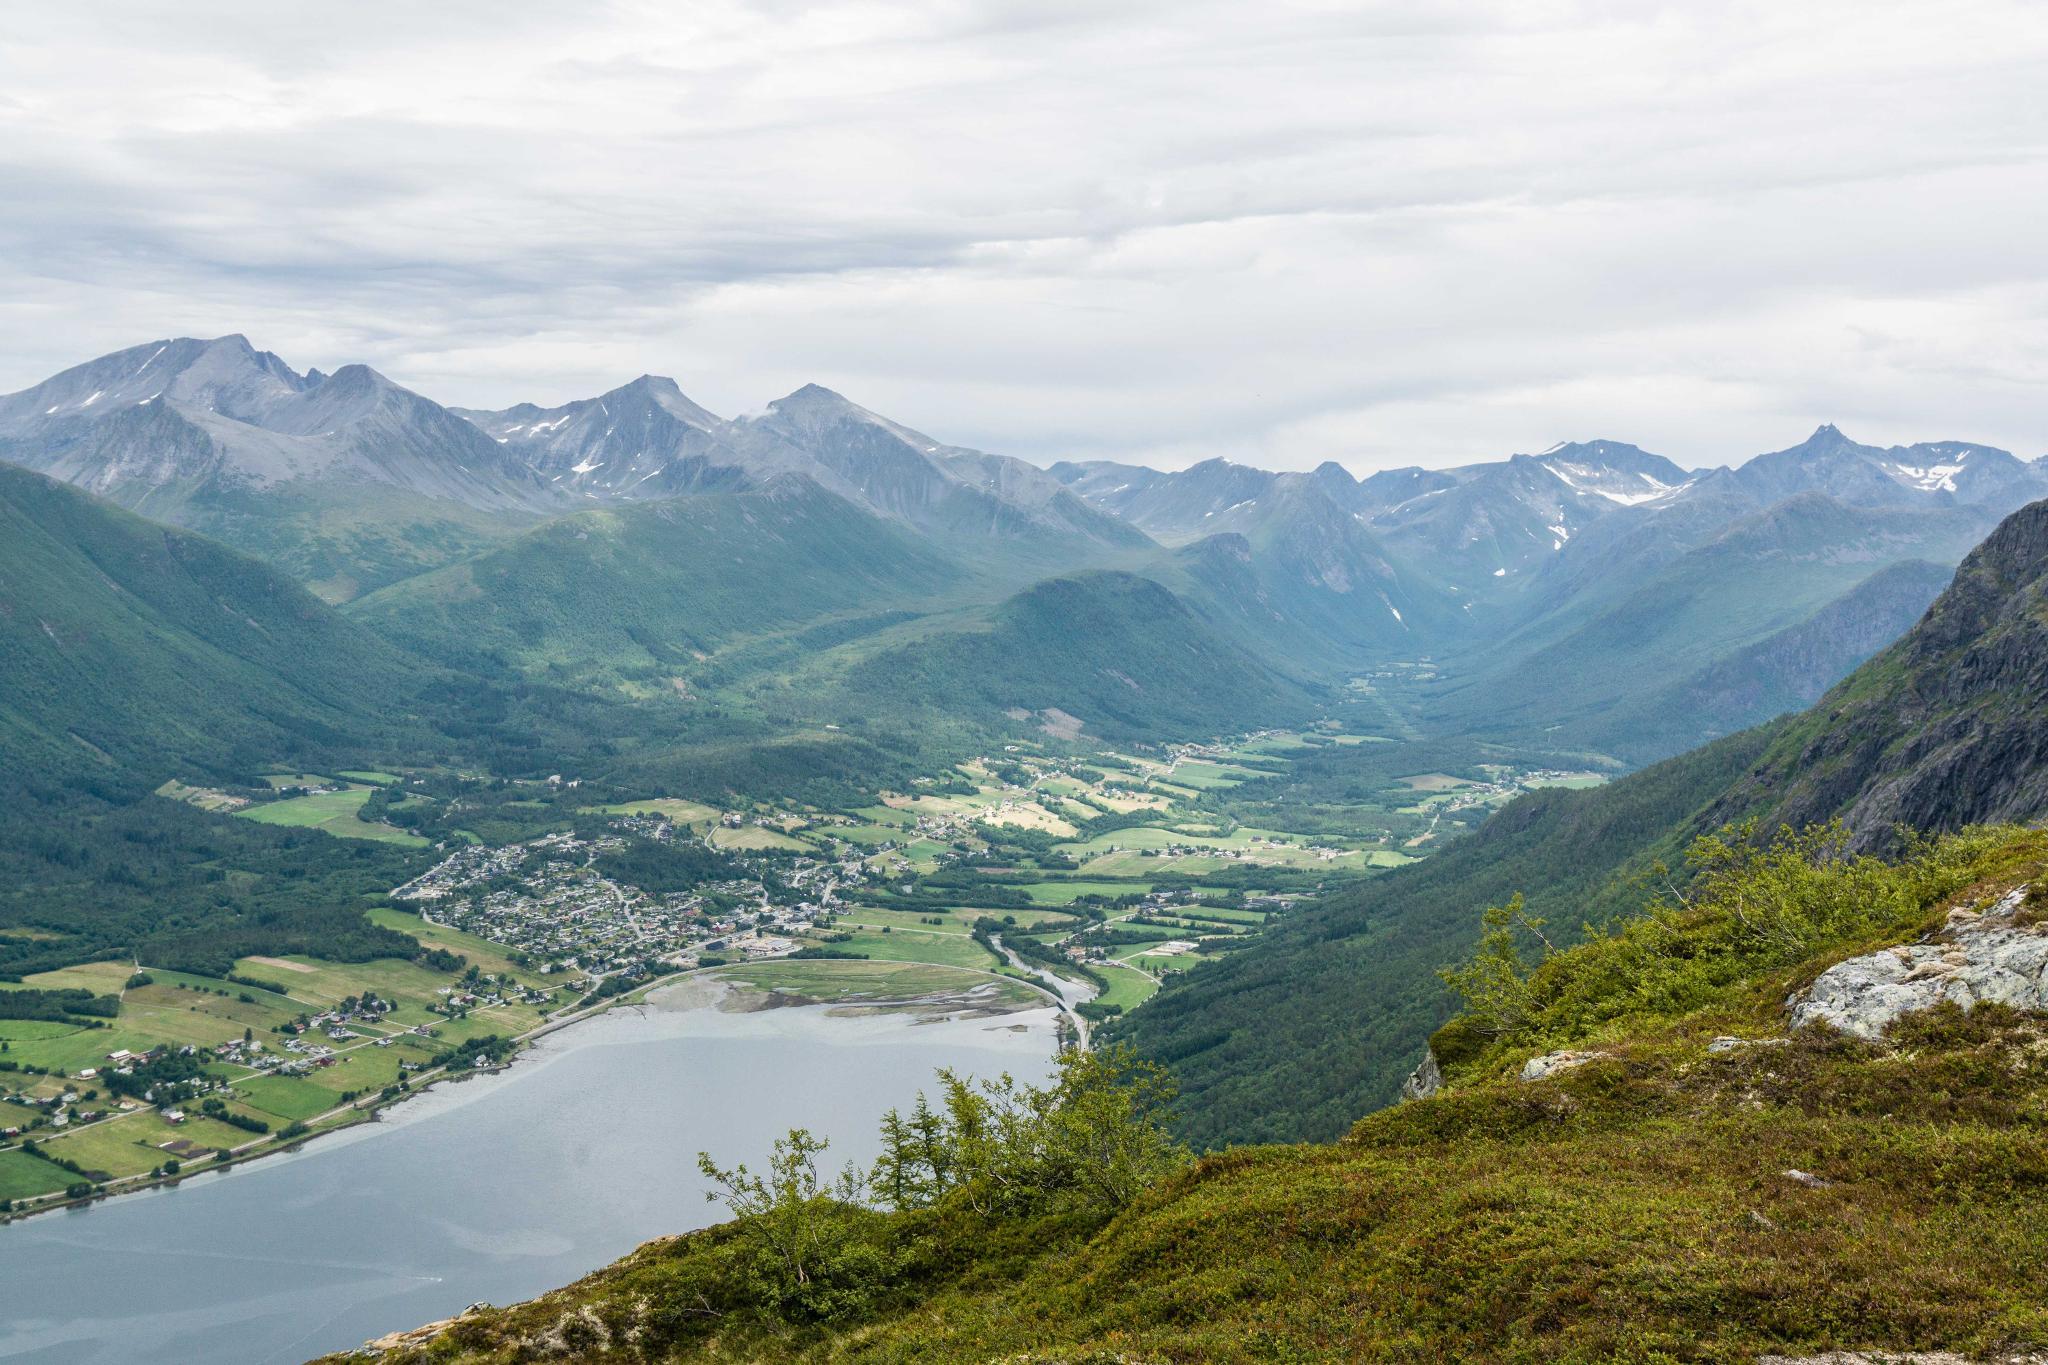 【北歐景點】峽灣區起點Åndalsnes健行 - 鳥瞰峽灣全景的Rampestreken觀景台 31